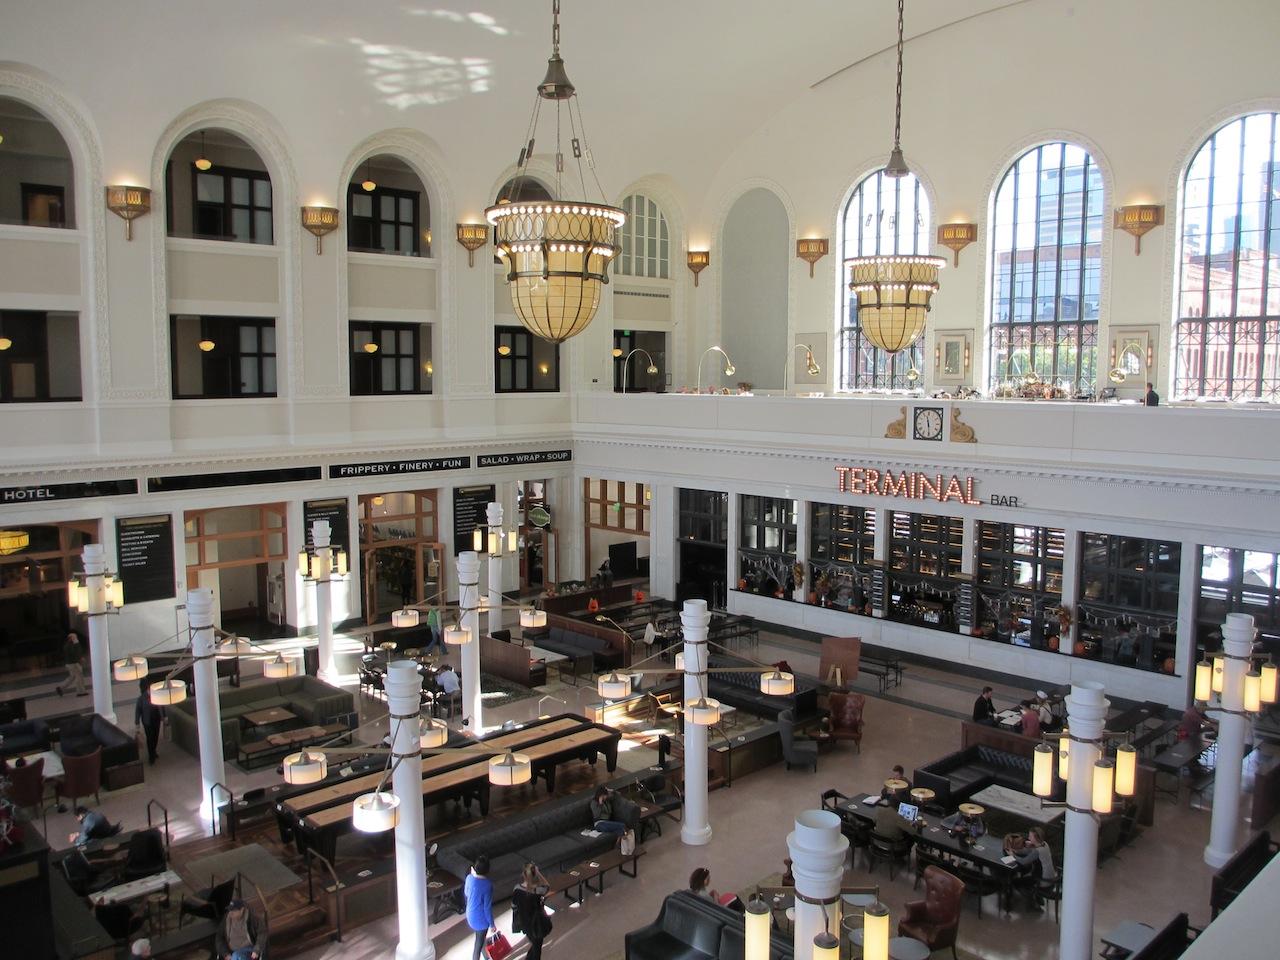 Denver's Union Station, Interior (D. Saitta)